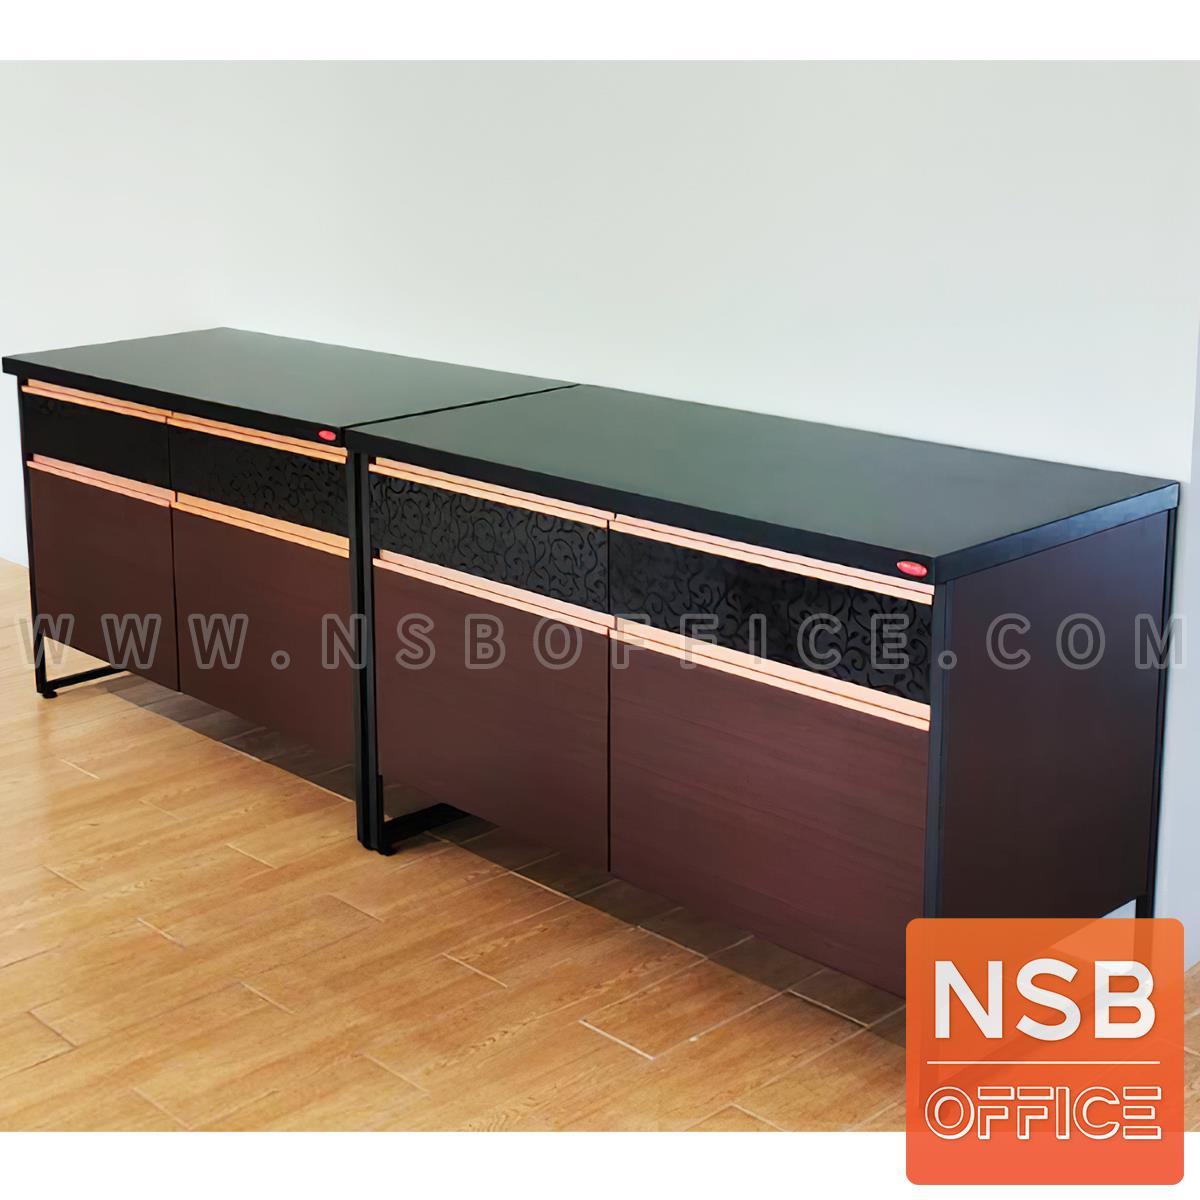 ชุดตู้ครัว พร้อมตัวตู้แขวนผนัง รุ่น Victa (วิคต้า) ขนาด 180W cm.